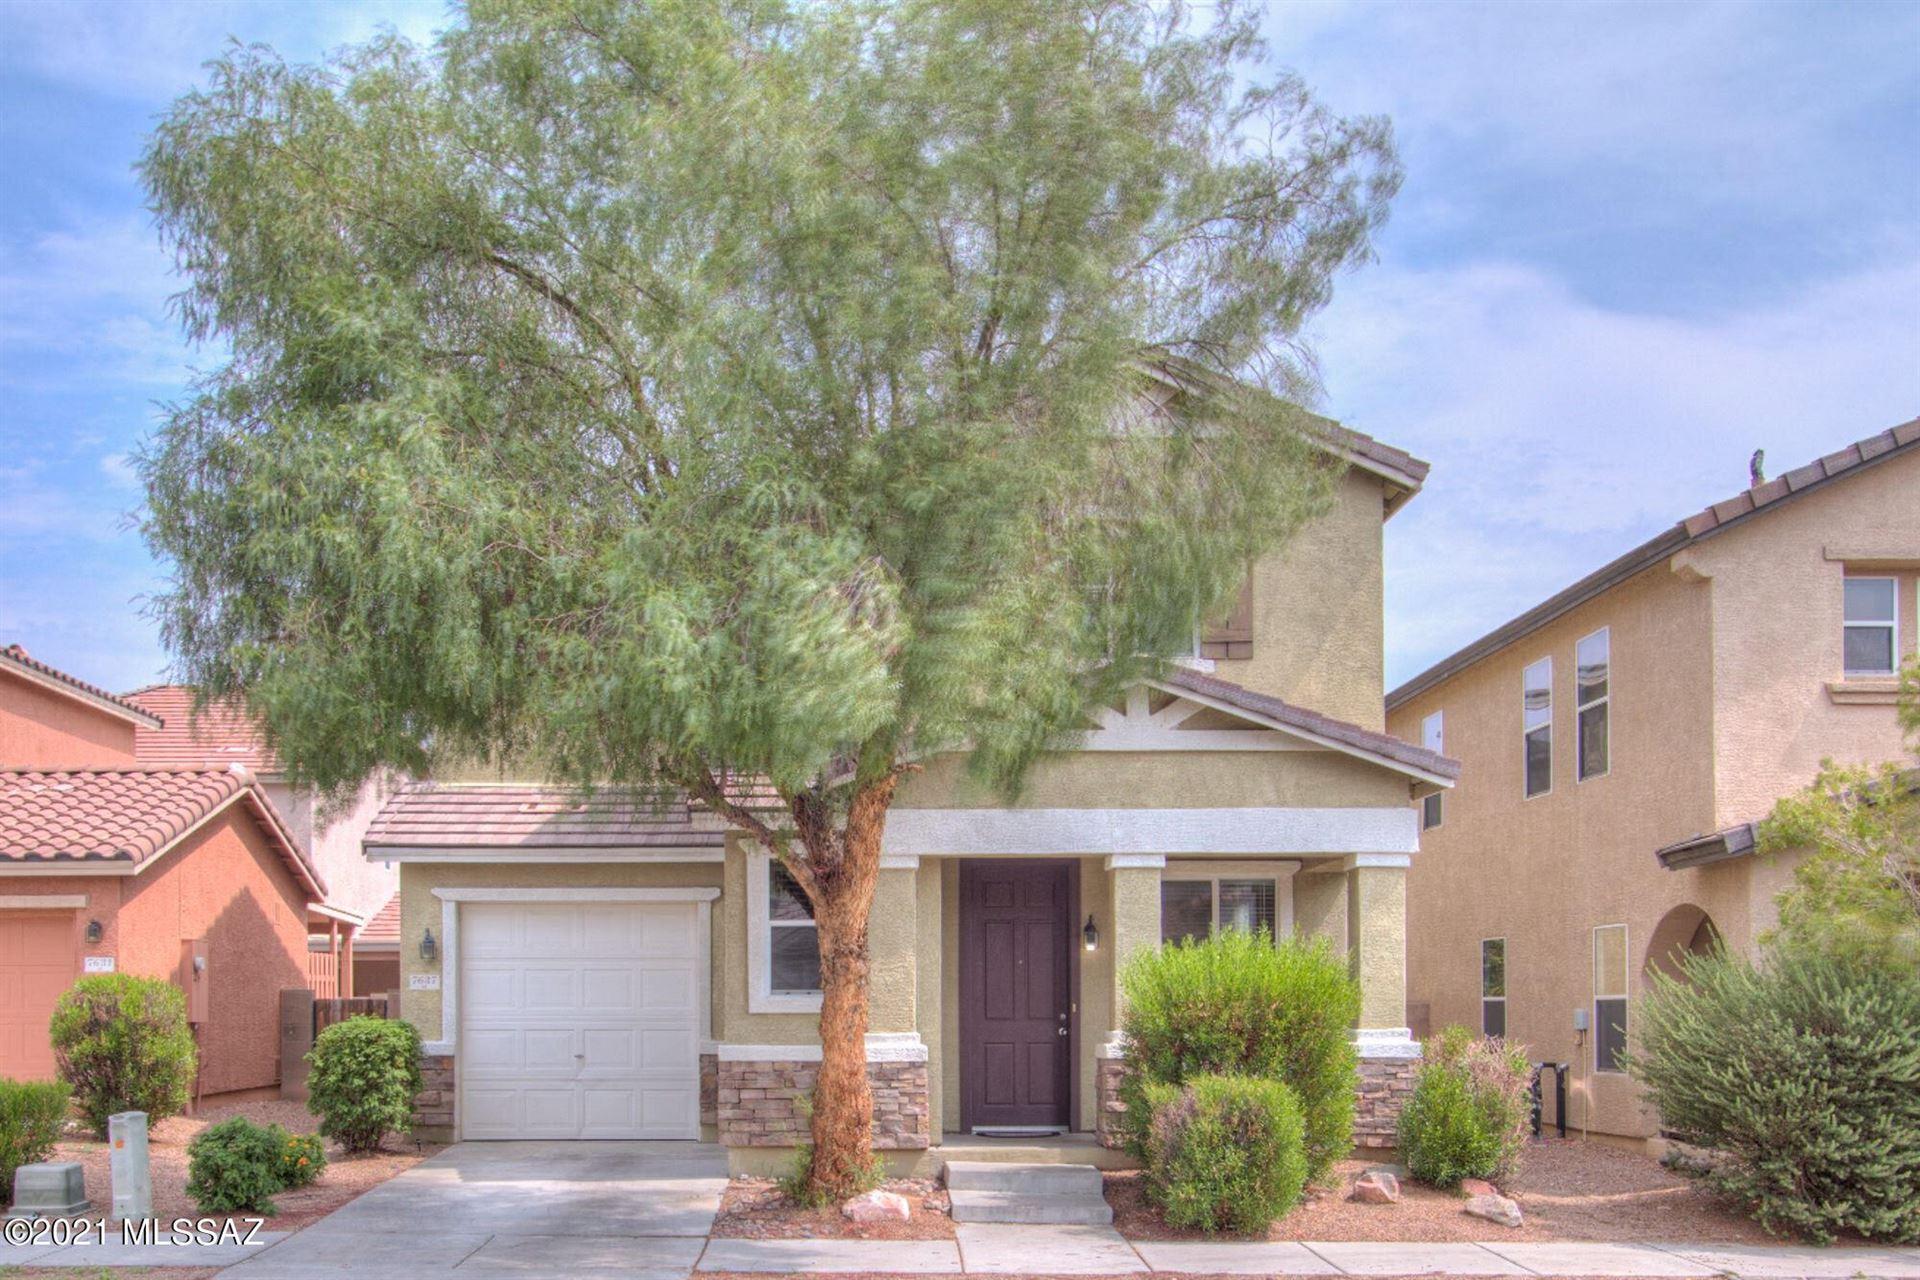 7637 E Desert Overlook Drive, Tucson, AZ 85710 - MLS#: 22119148